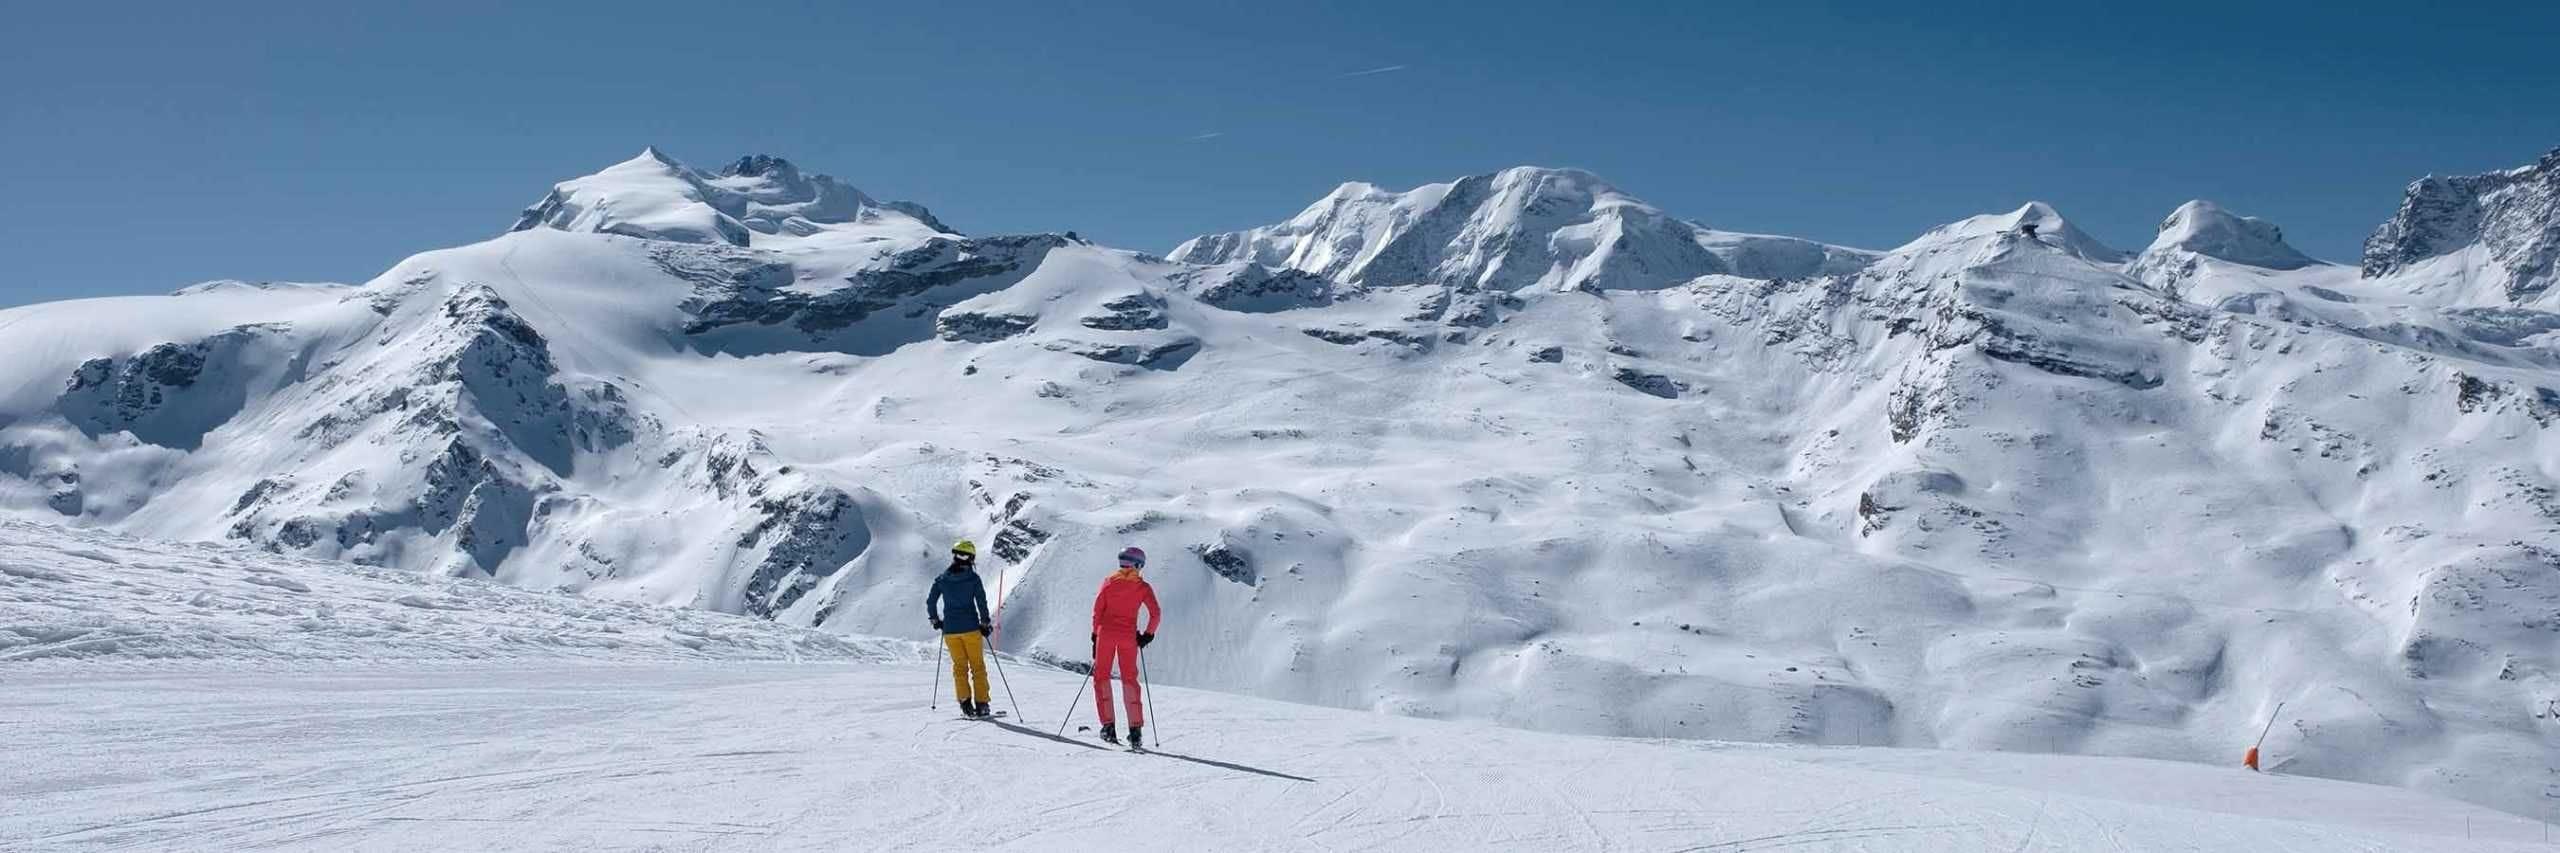 Dans les montagnes avec Mammut: expertise alpine venue de Suisse